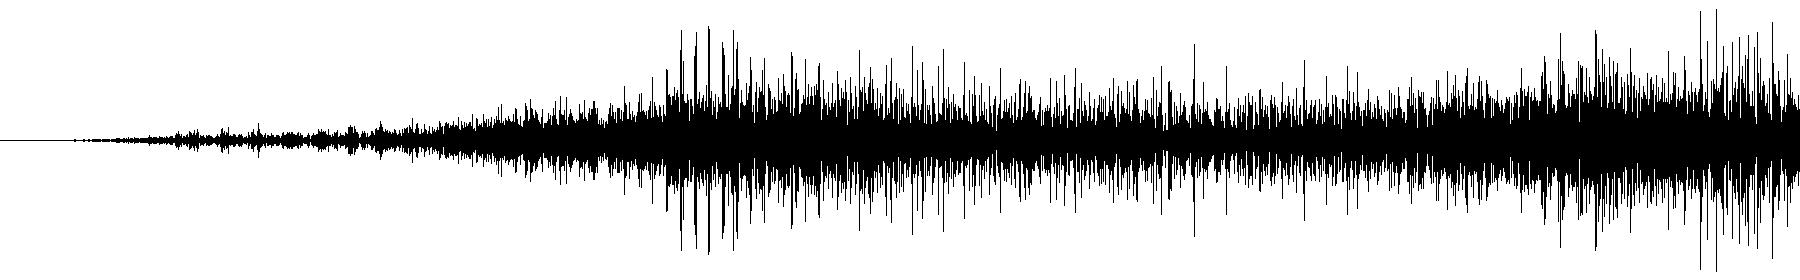 biab glitchhop glitch 14